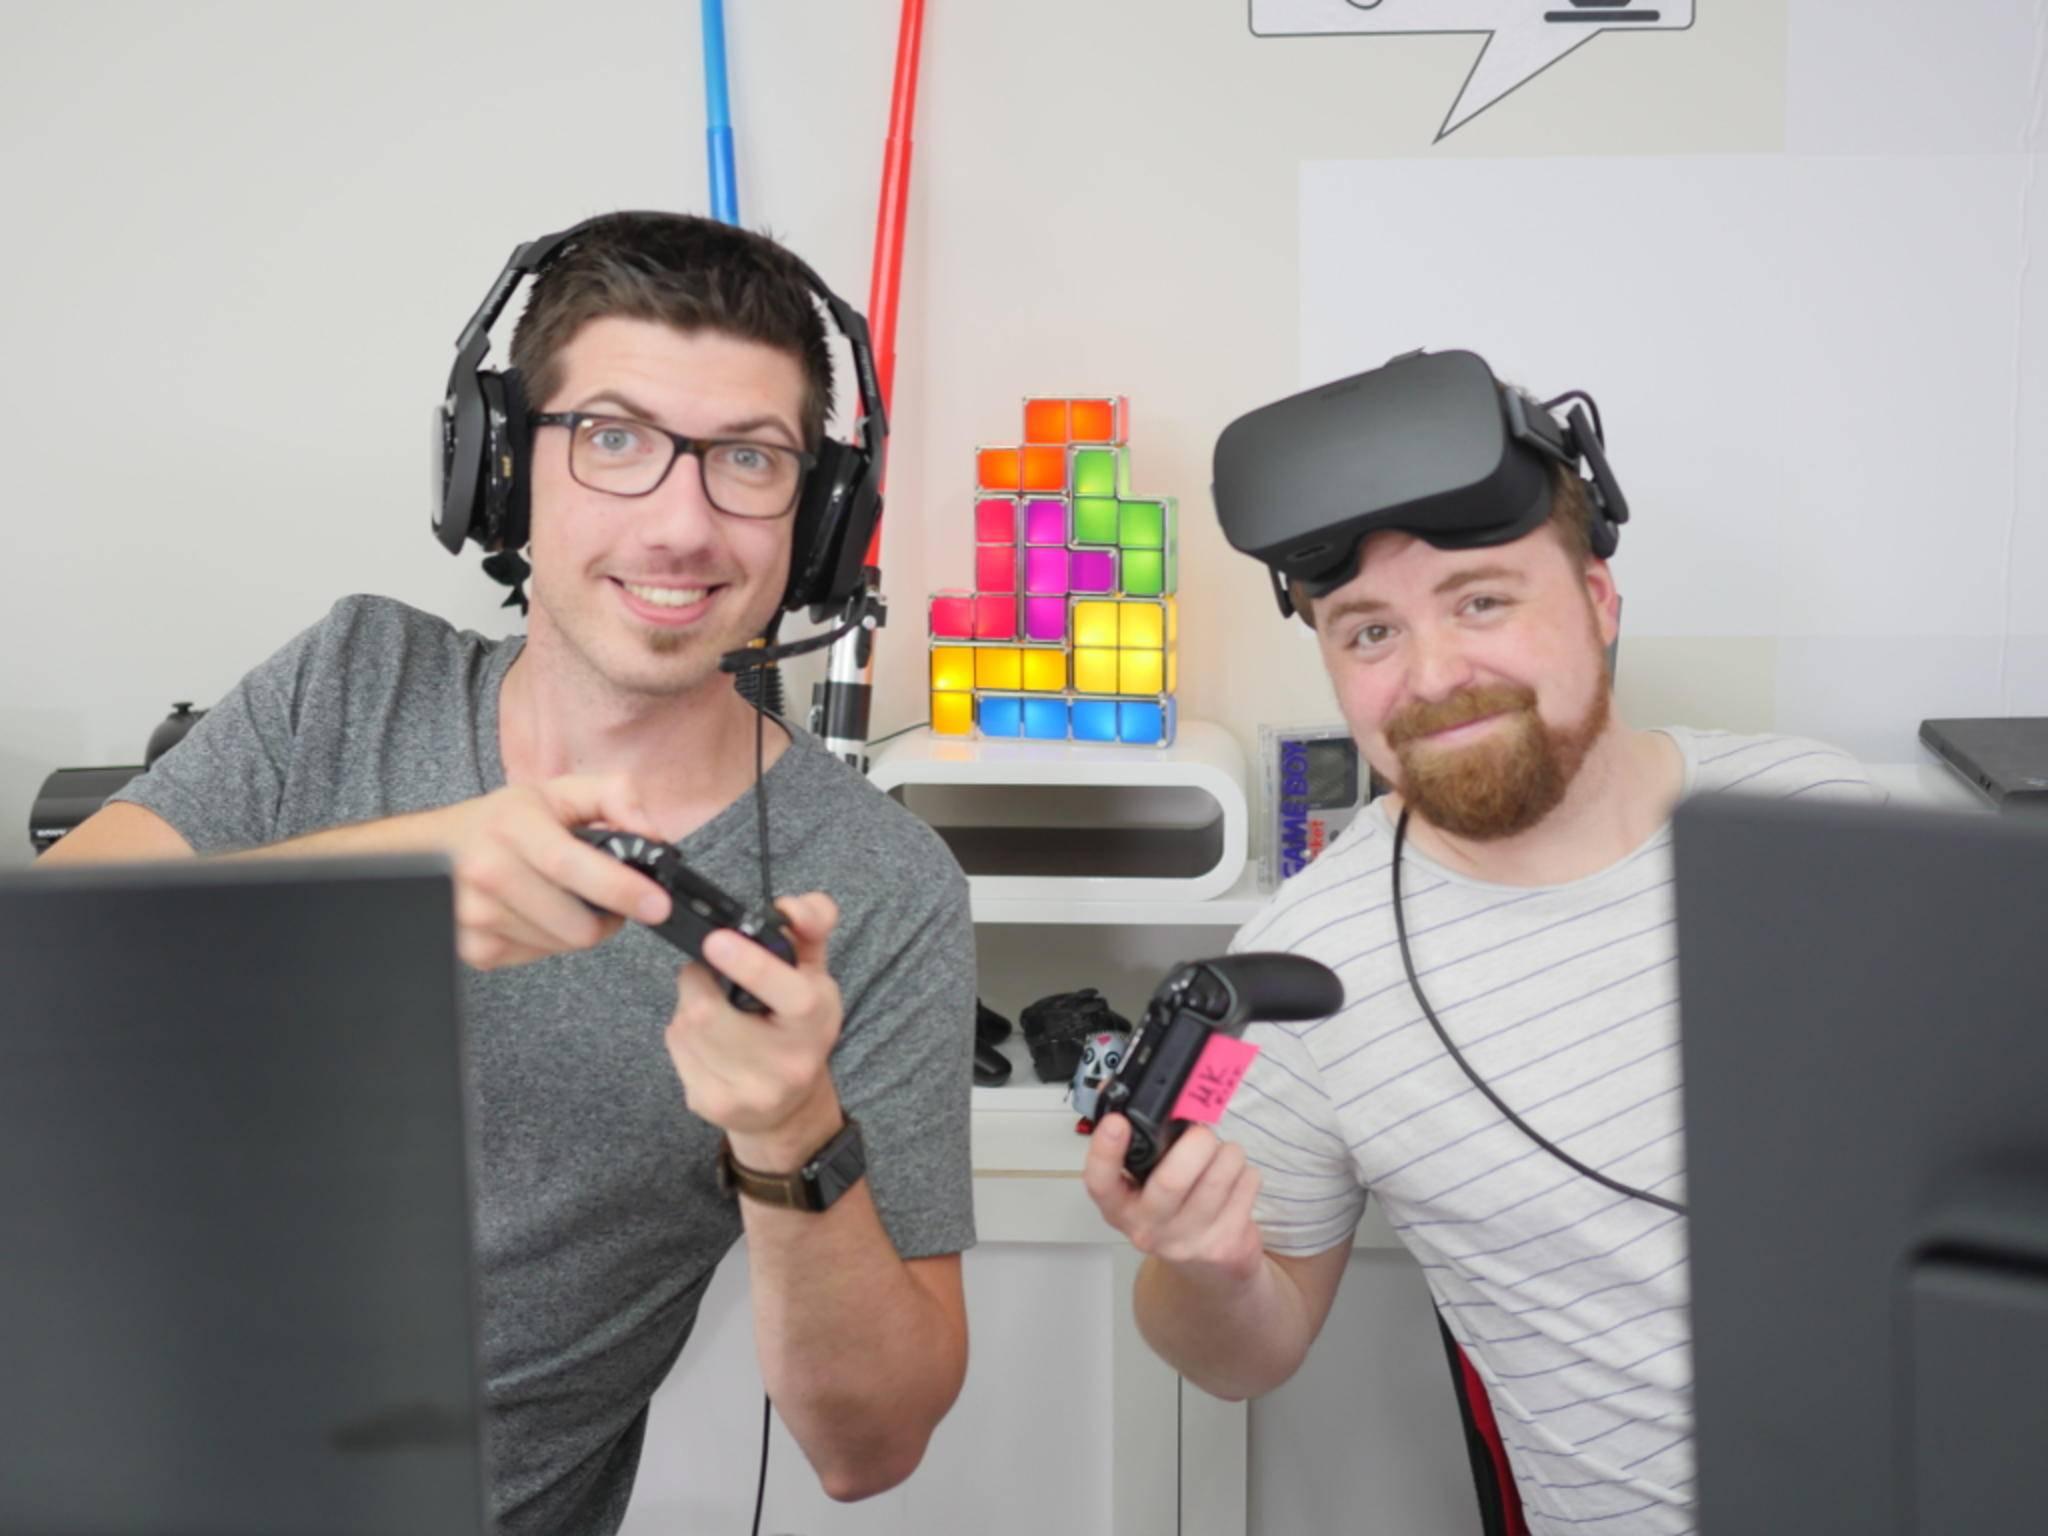 Alex und Jens schauen auch bei der Gamescom 2016 vorbei.